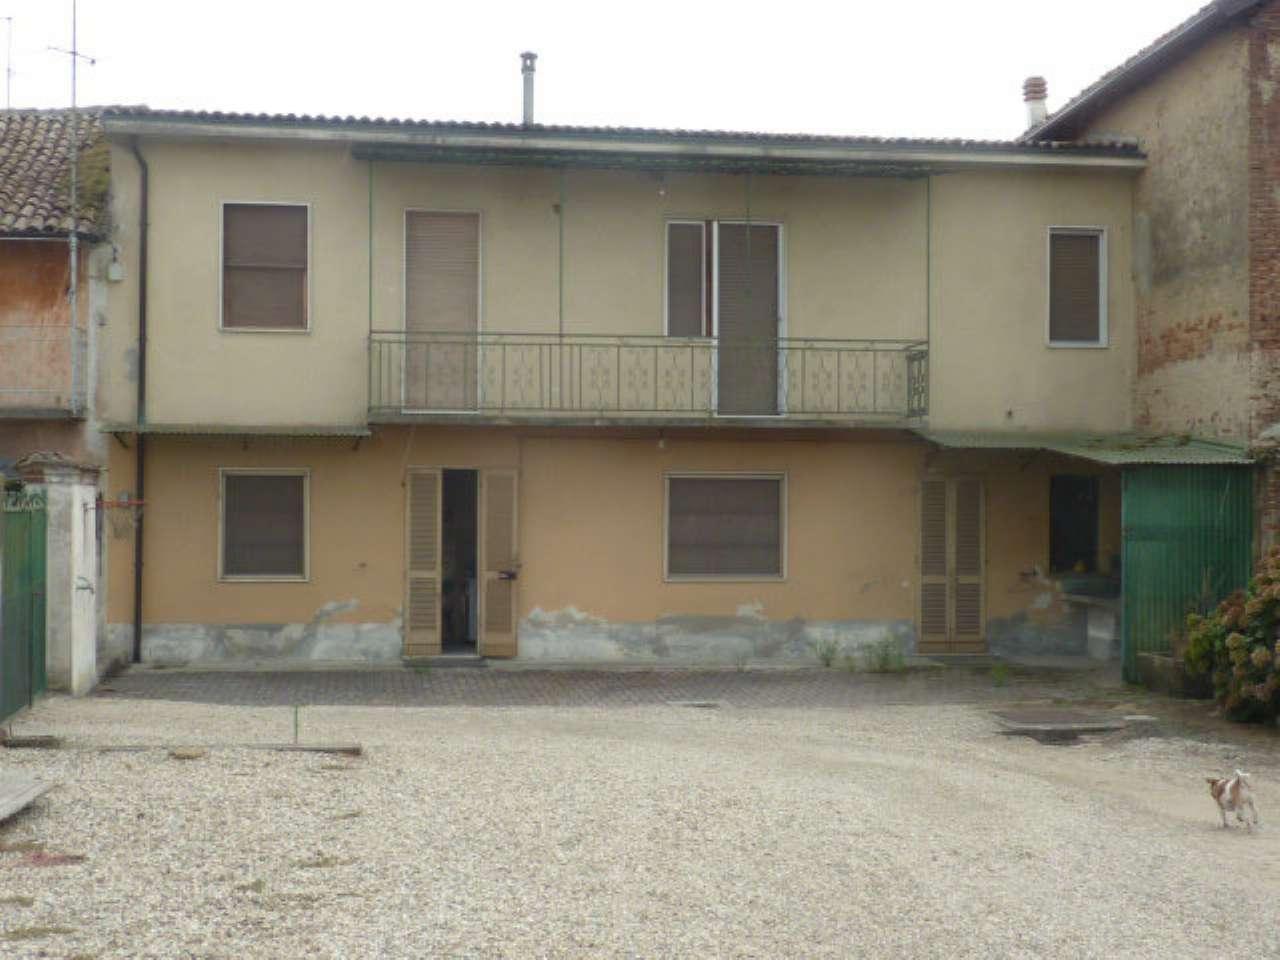 Soluzione Indipendente in vendita a Mortara, 6 locali, prezzo € 90.000 | CambioCasa.it